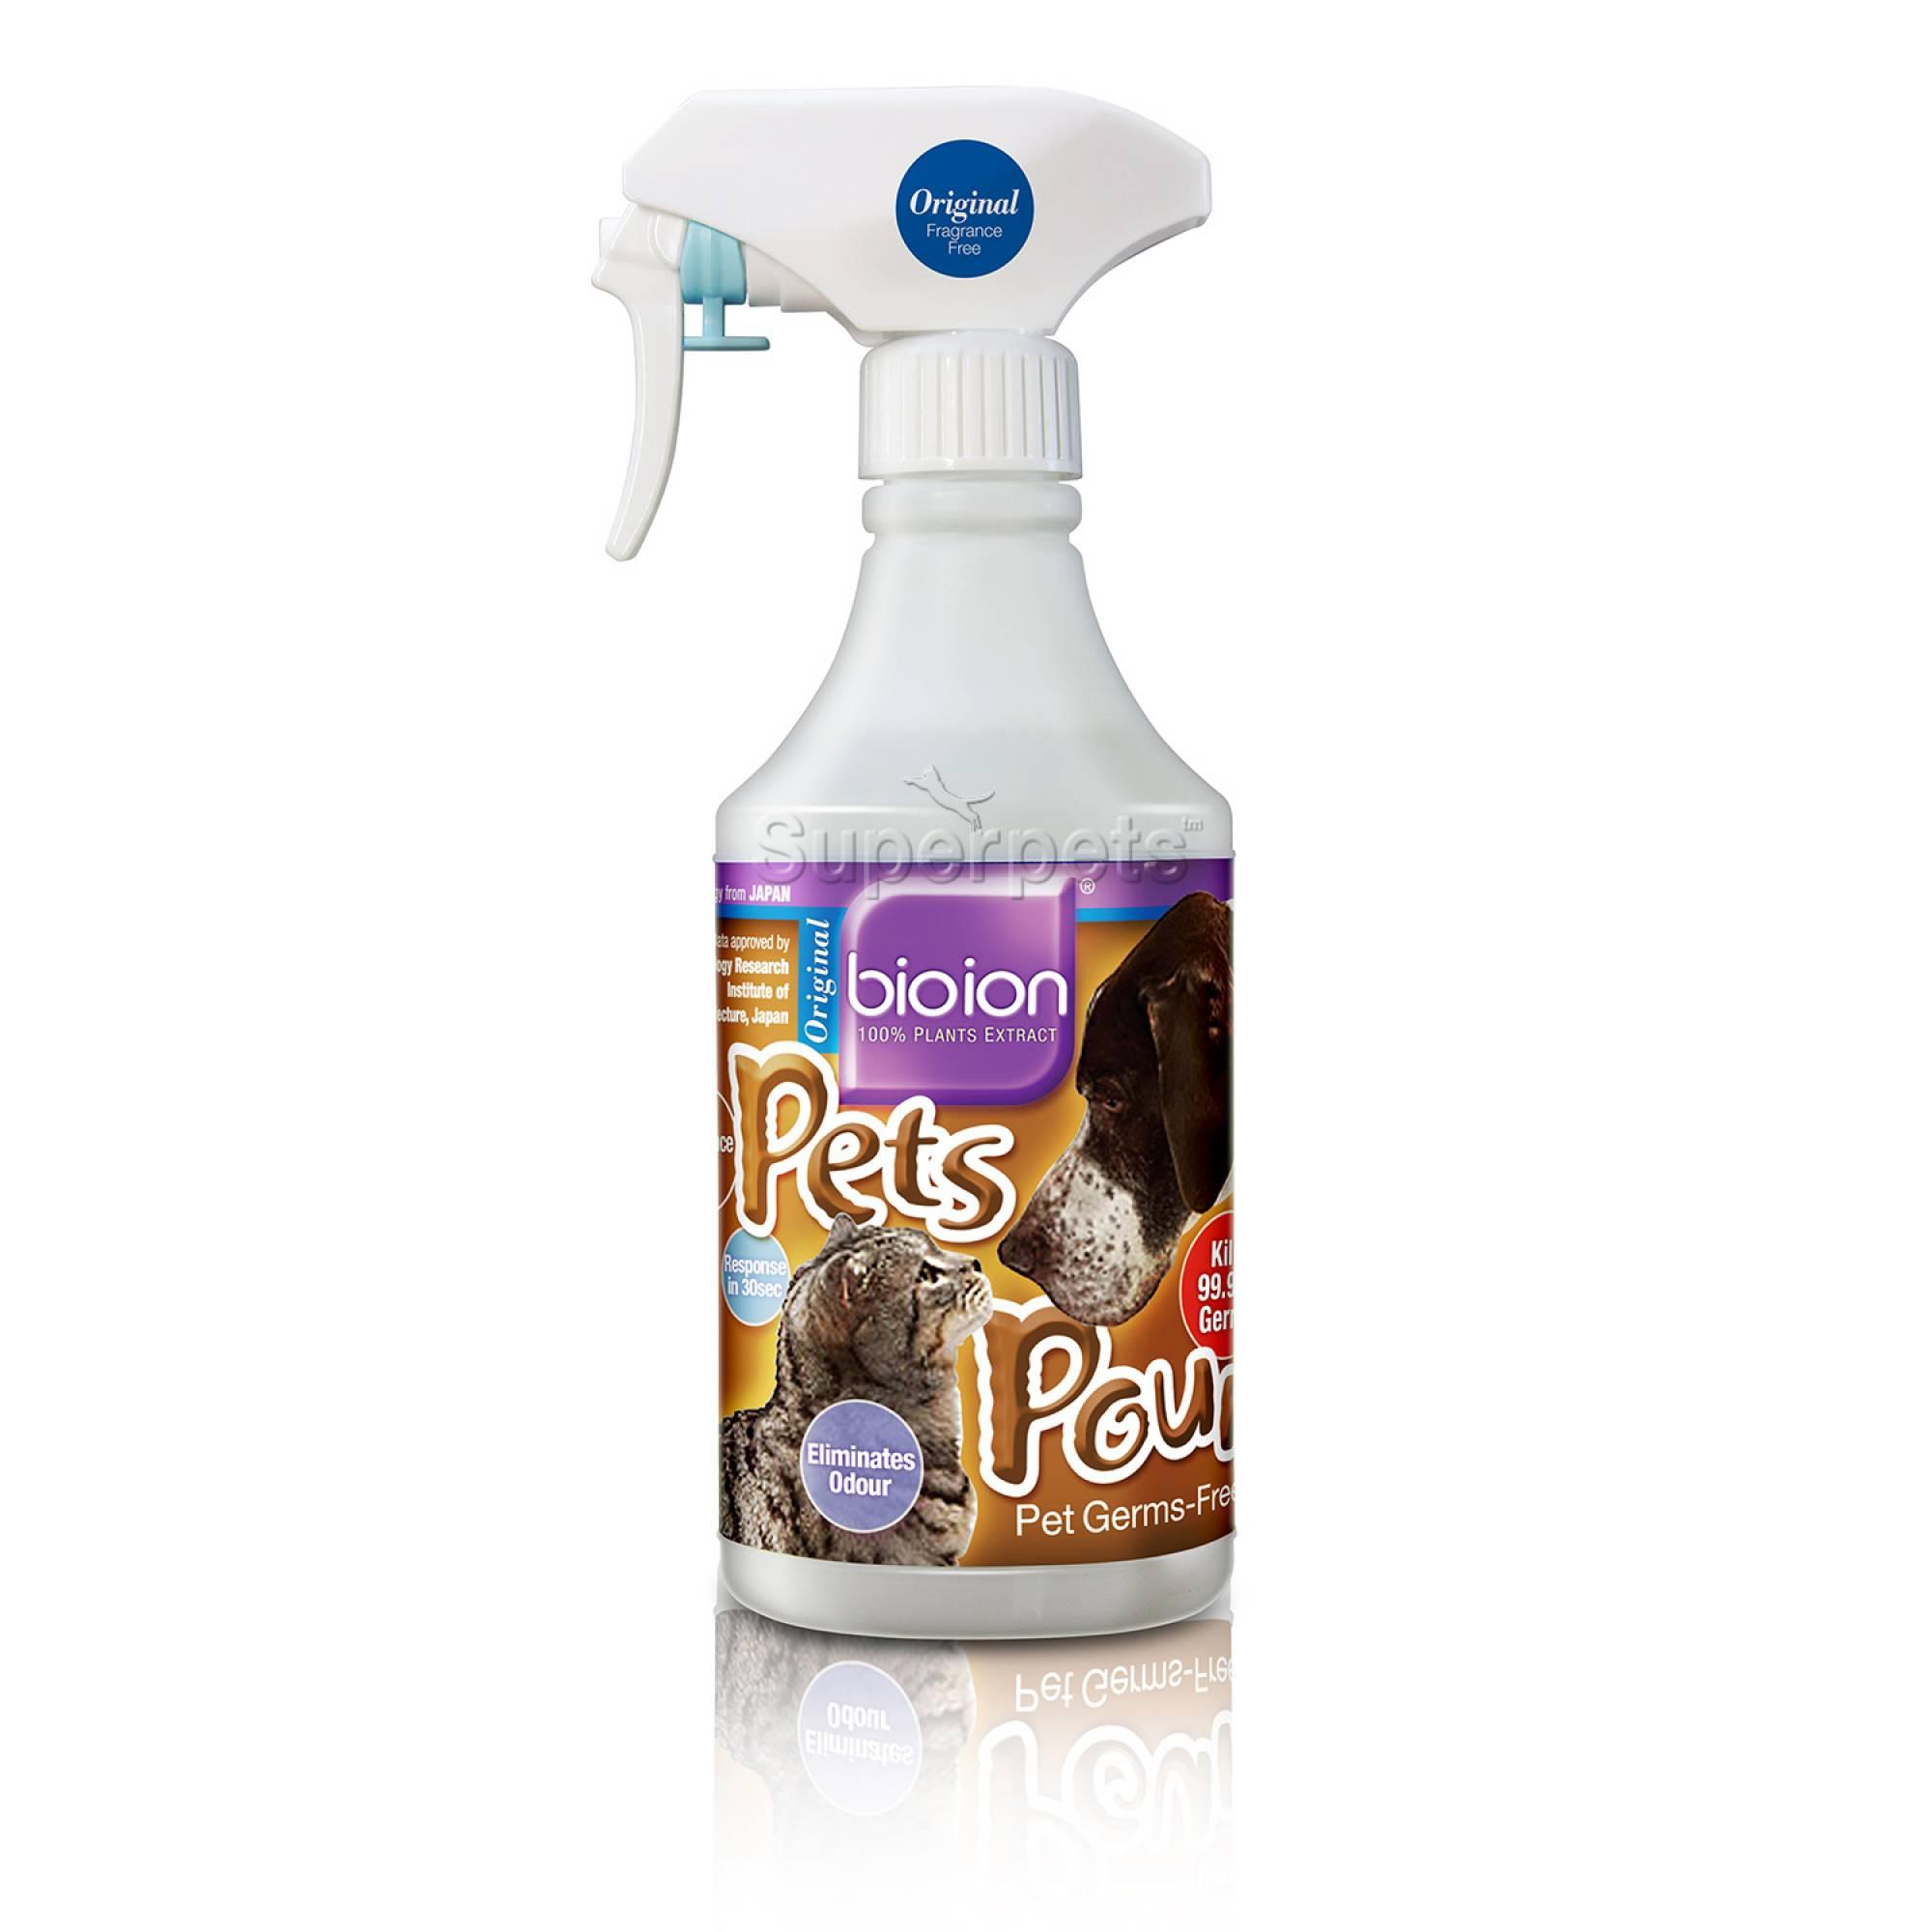 Bioion Pets Pounce Pets Sanitizer Natural 500ml